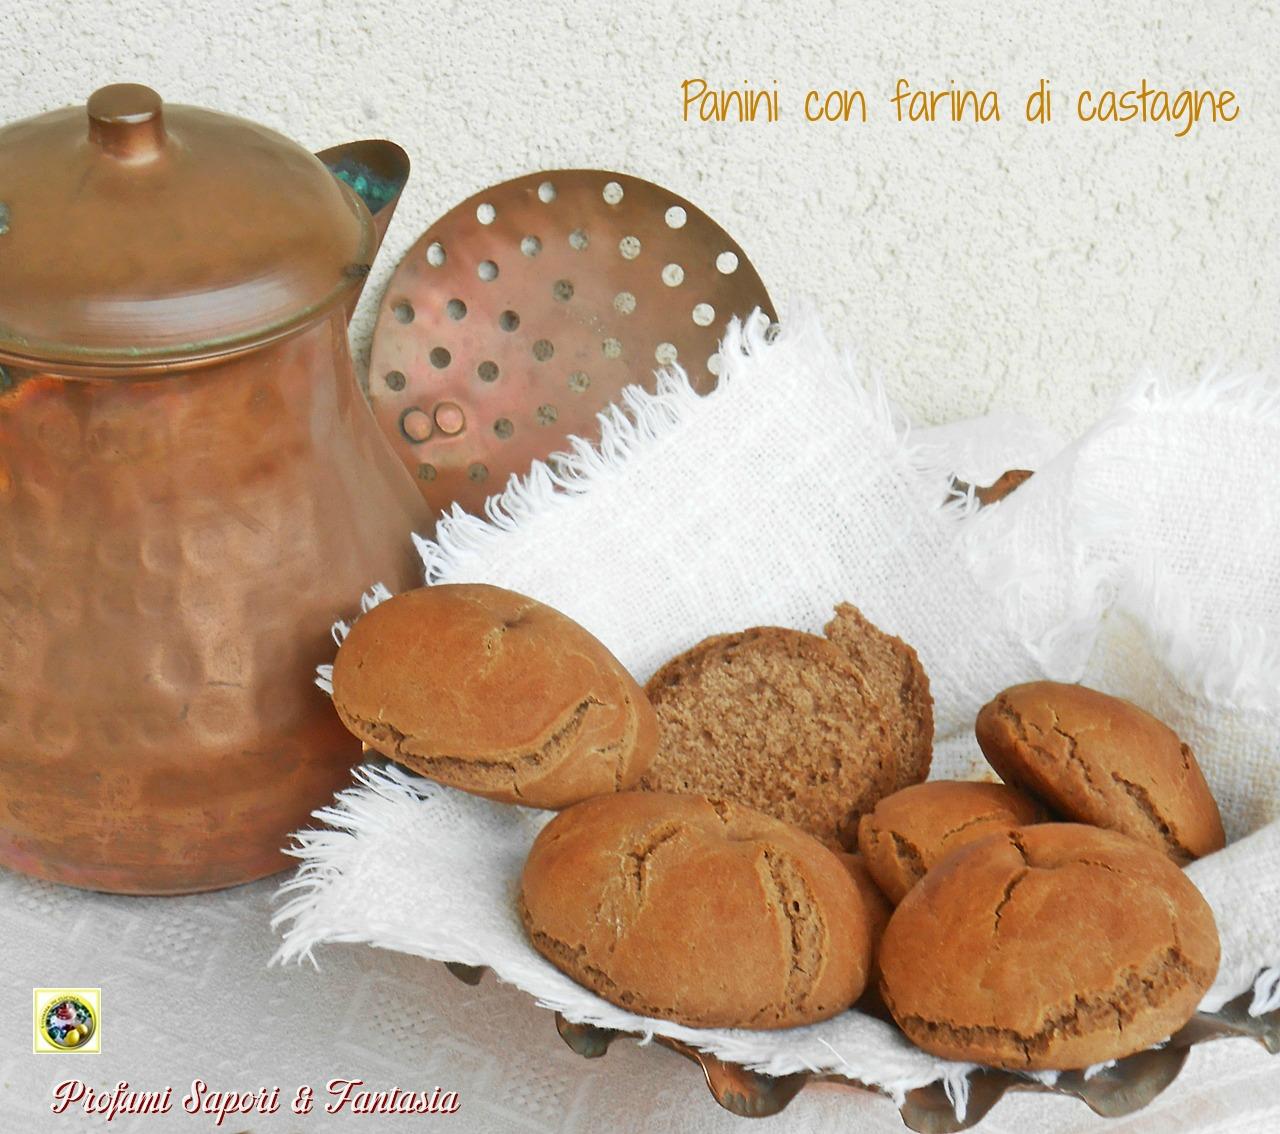 Panini con farina di castagne Blog Profumi Sapori & Fantasia